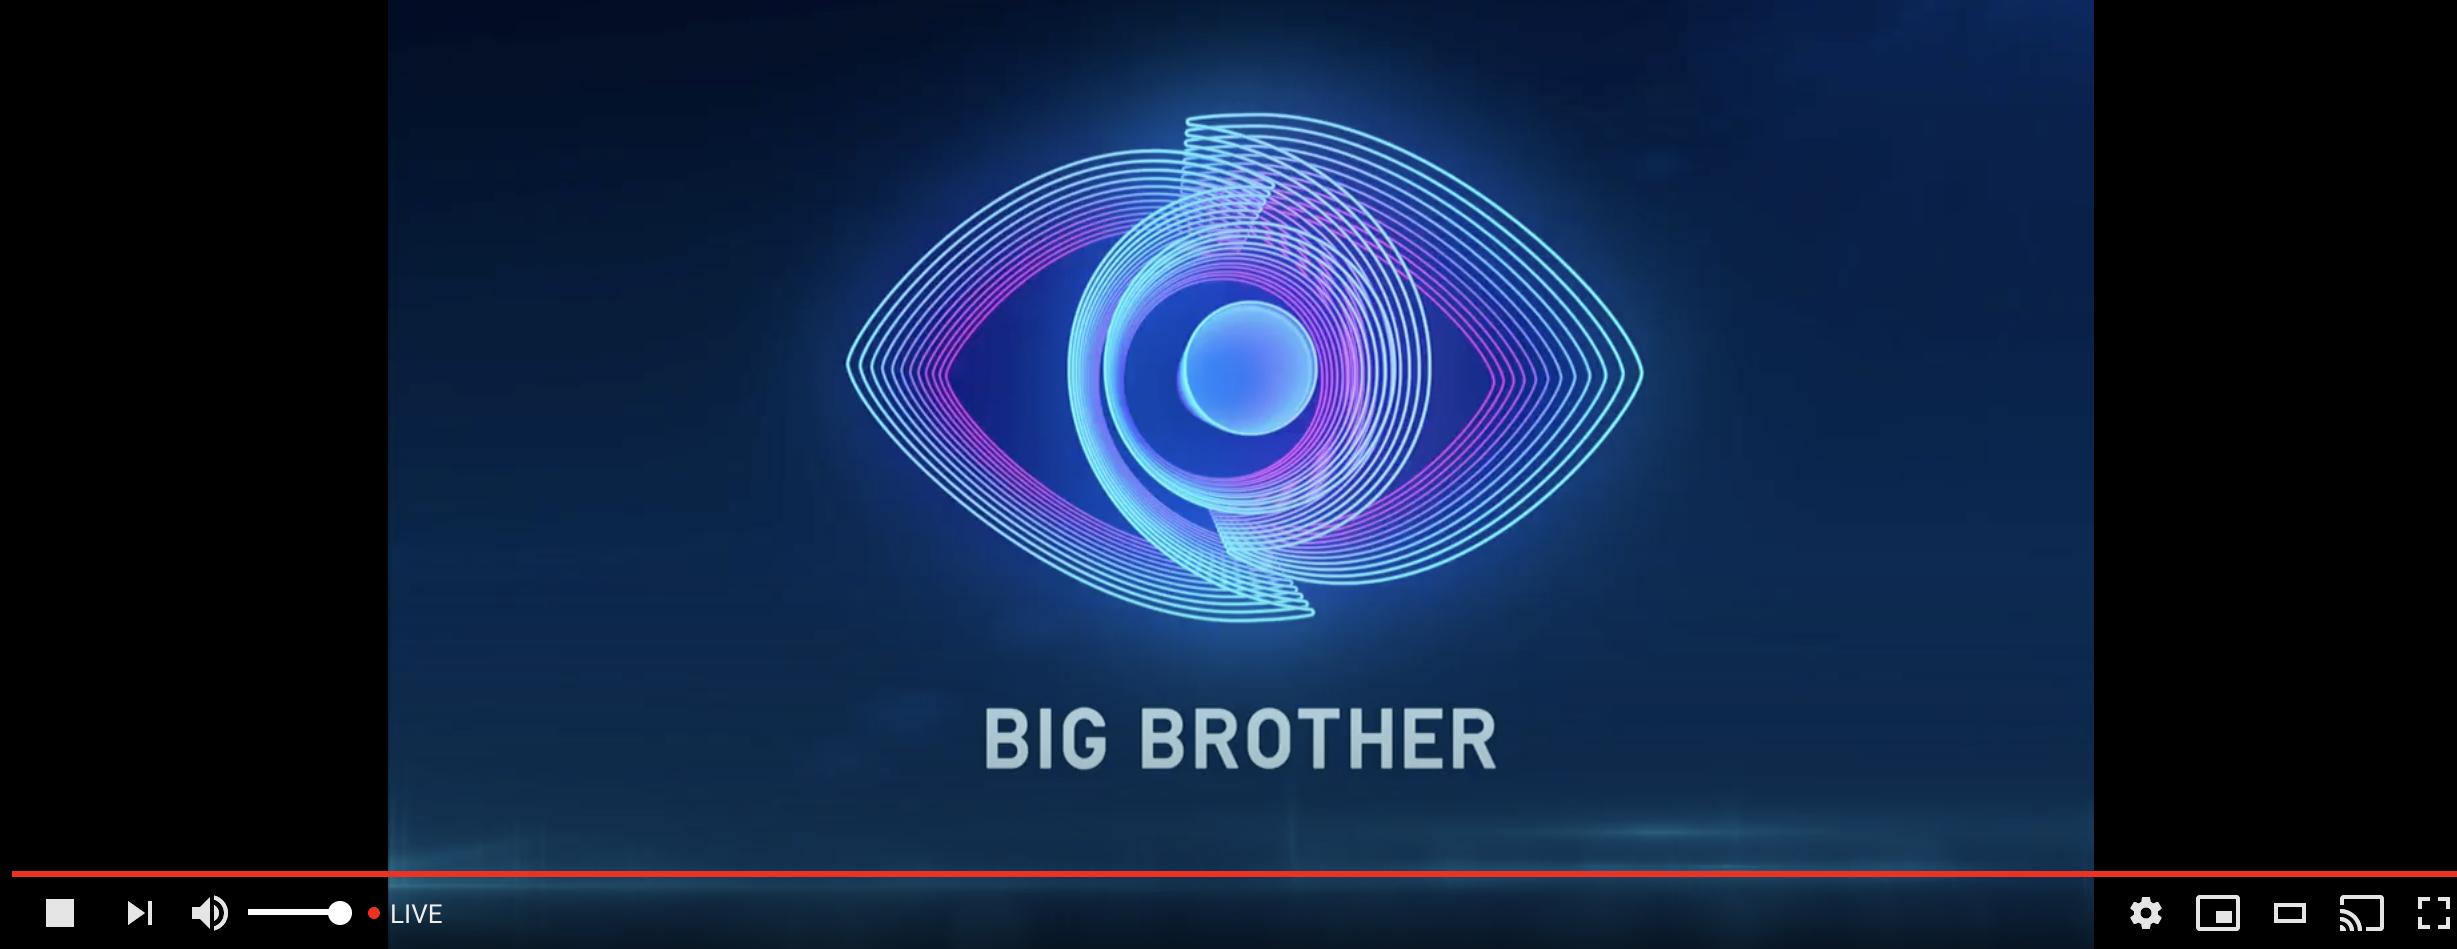 Διεκόπη το live: Παίκτης του «Big Brother» βρίζει on air τον Ανδρέα Μικρούτσικο